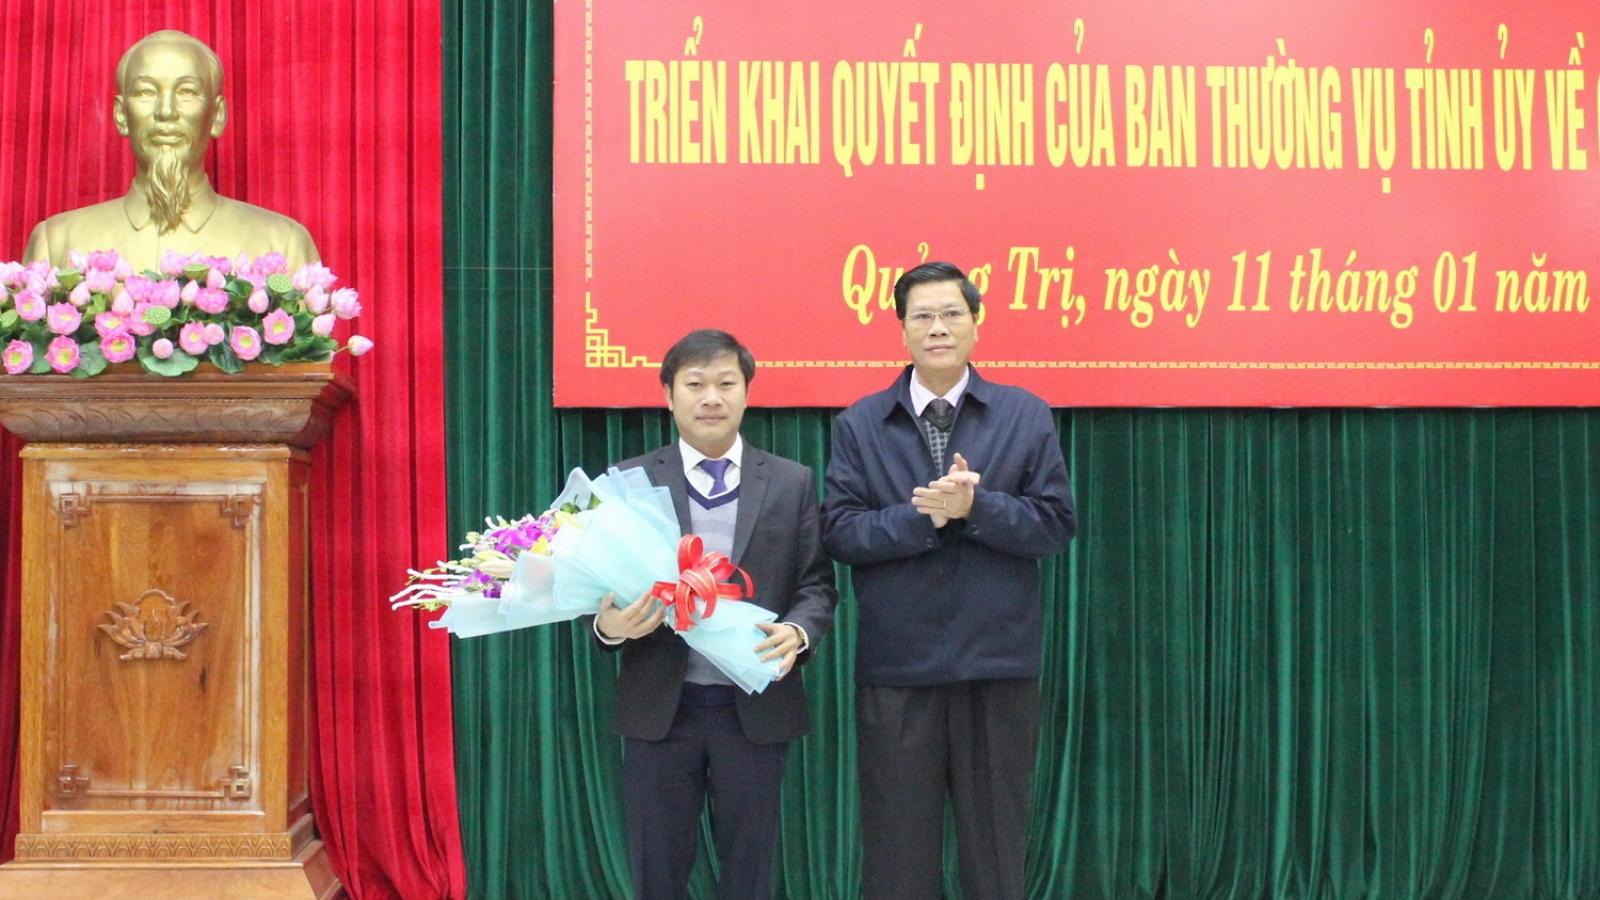 Bổ nhiệm ông Nguyễn Khánh Vũ làm Chánh Văn phòng Tỉnh ủy Quảng Trị